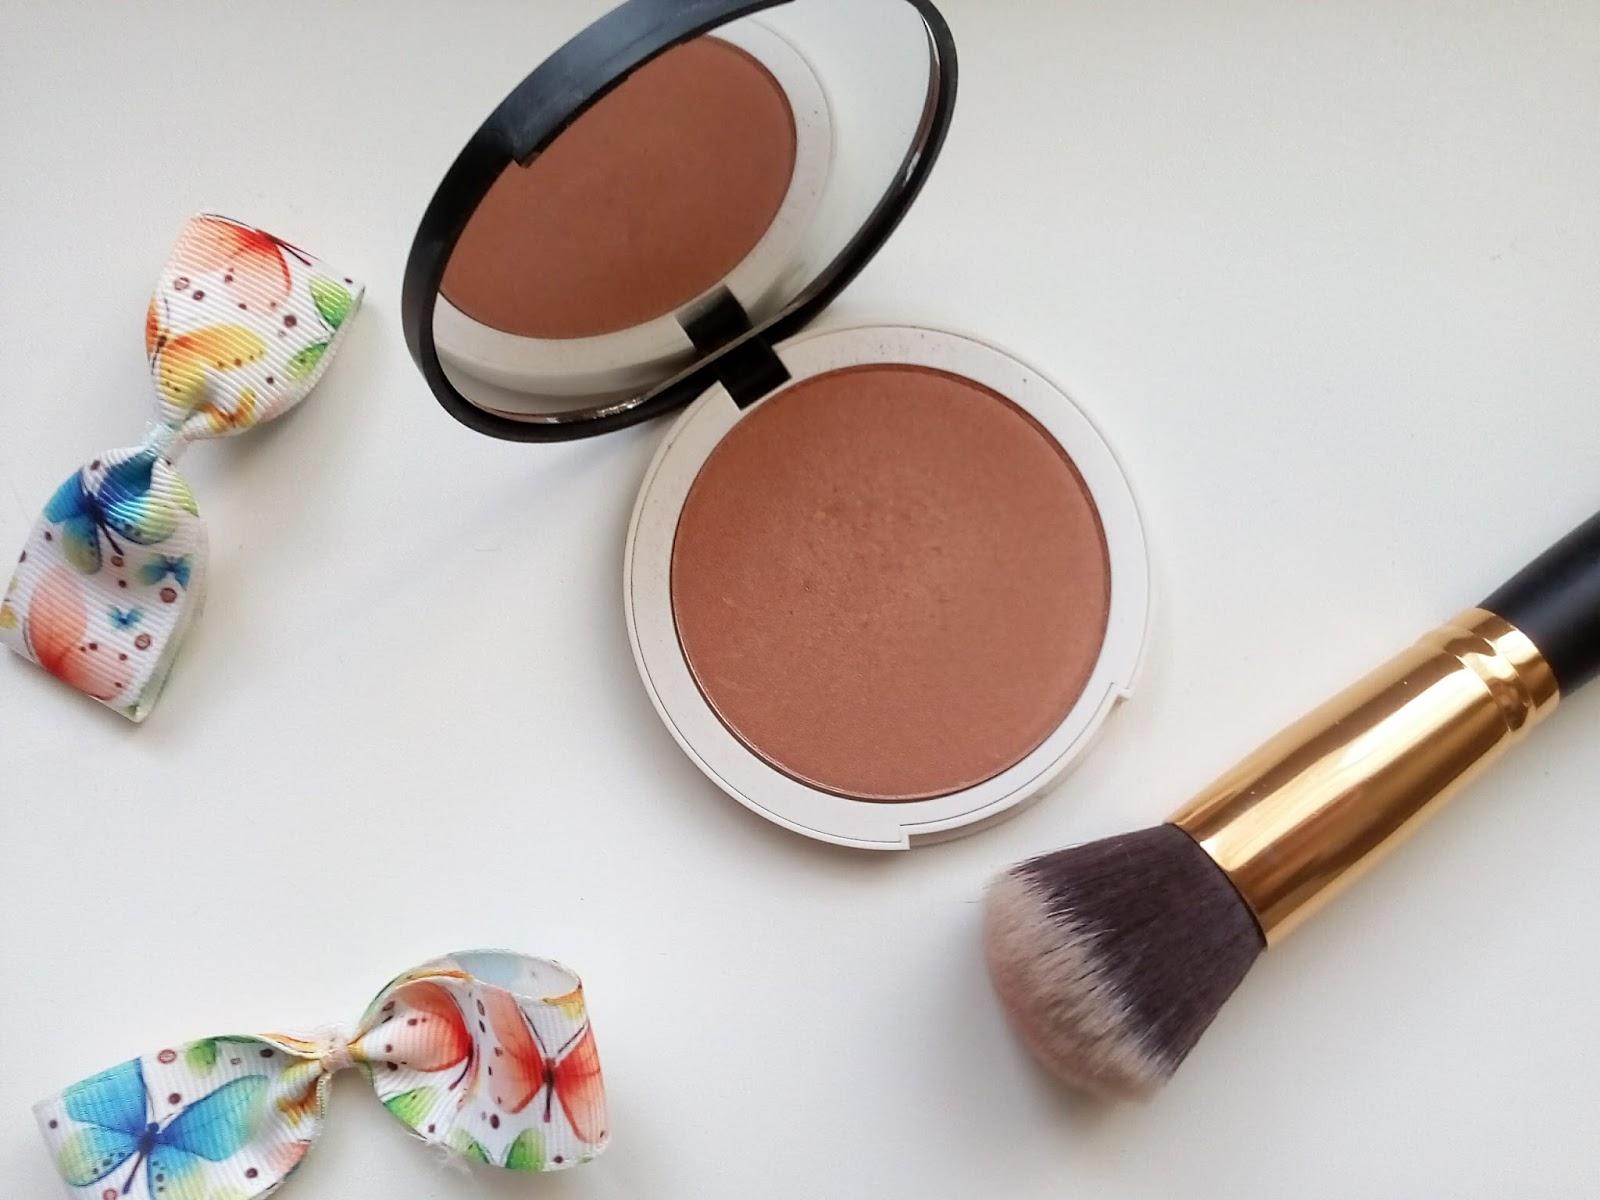 Naturalny Prasowany Rozświetlający Bronzer  Lily Lolo-  Bronzed Illuminator - odrobina słońca w makijażu